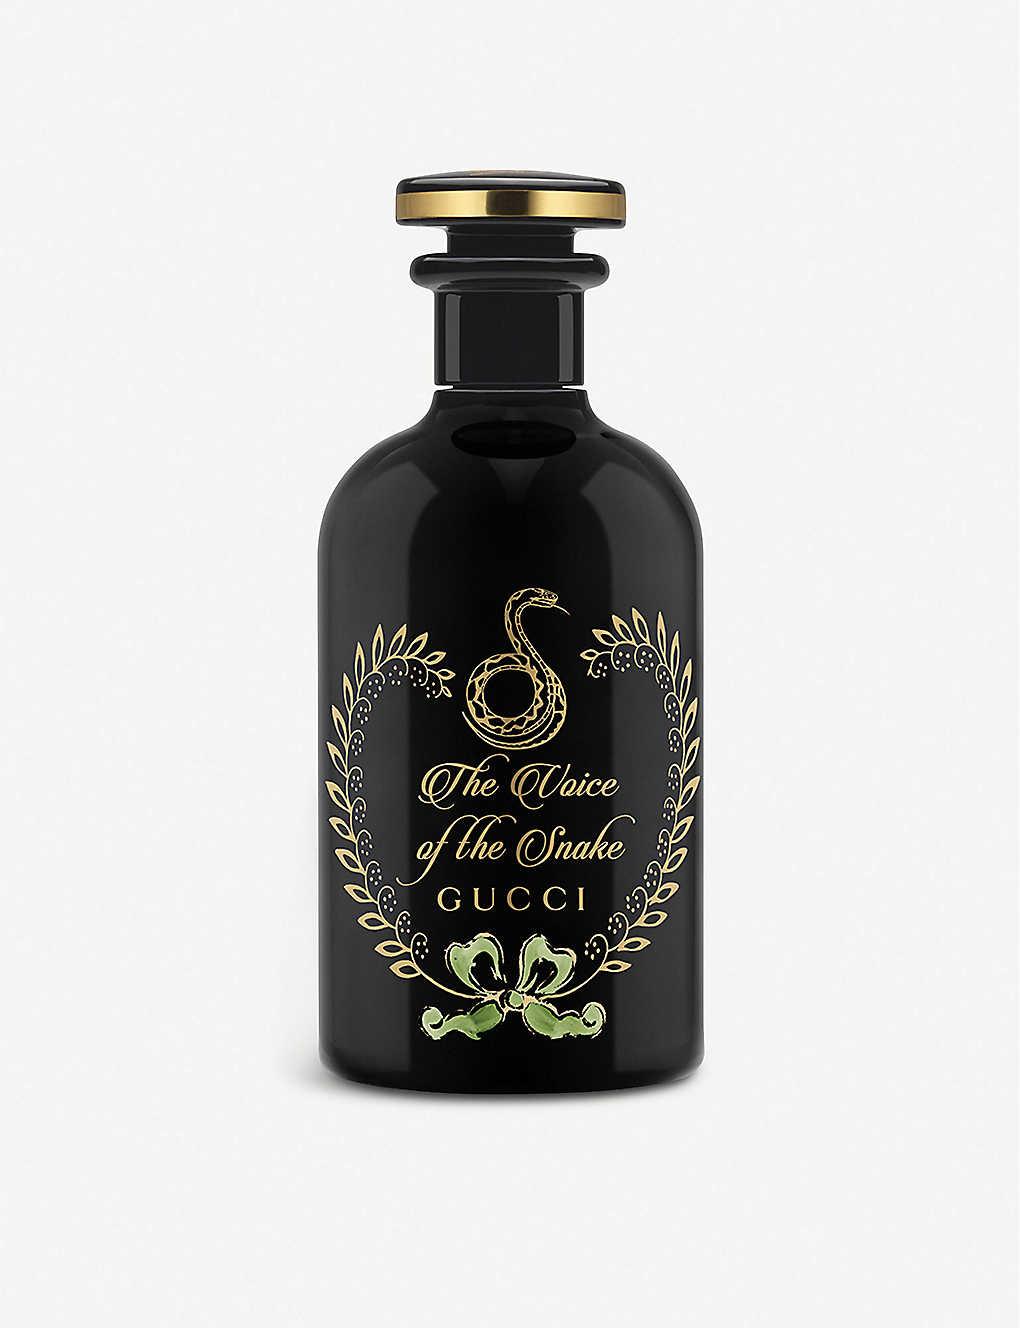 Gucci The Alchemists Garden The Voice Of The Snake Eau De Parfum